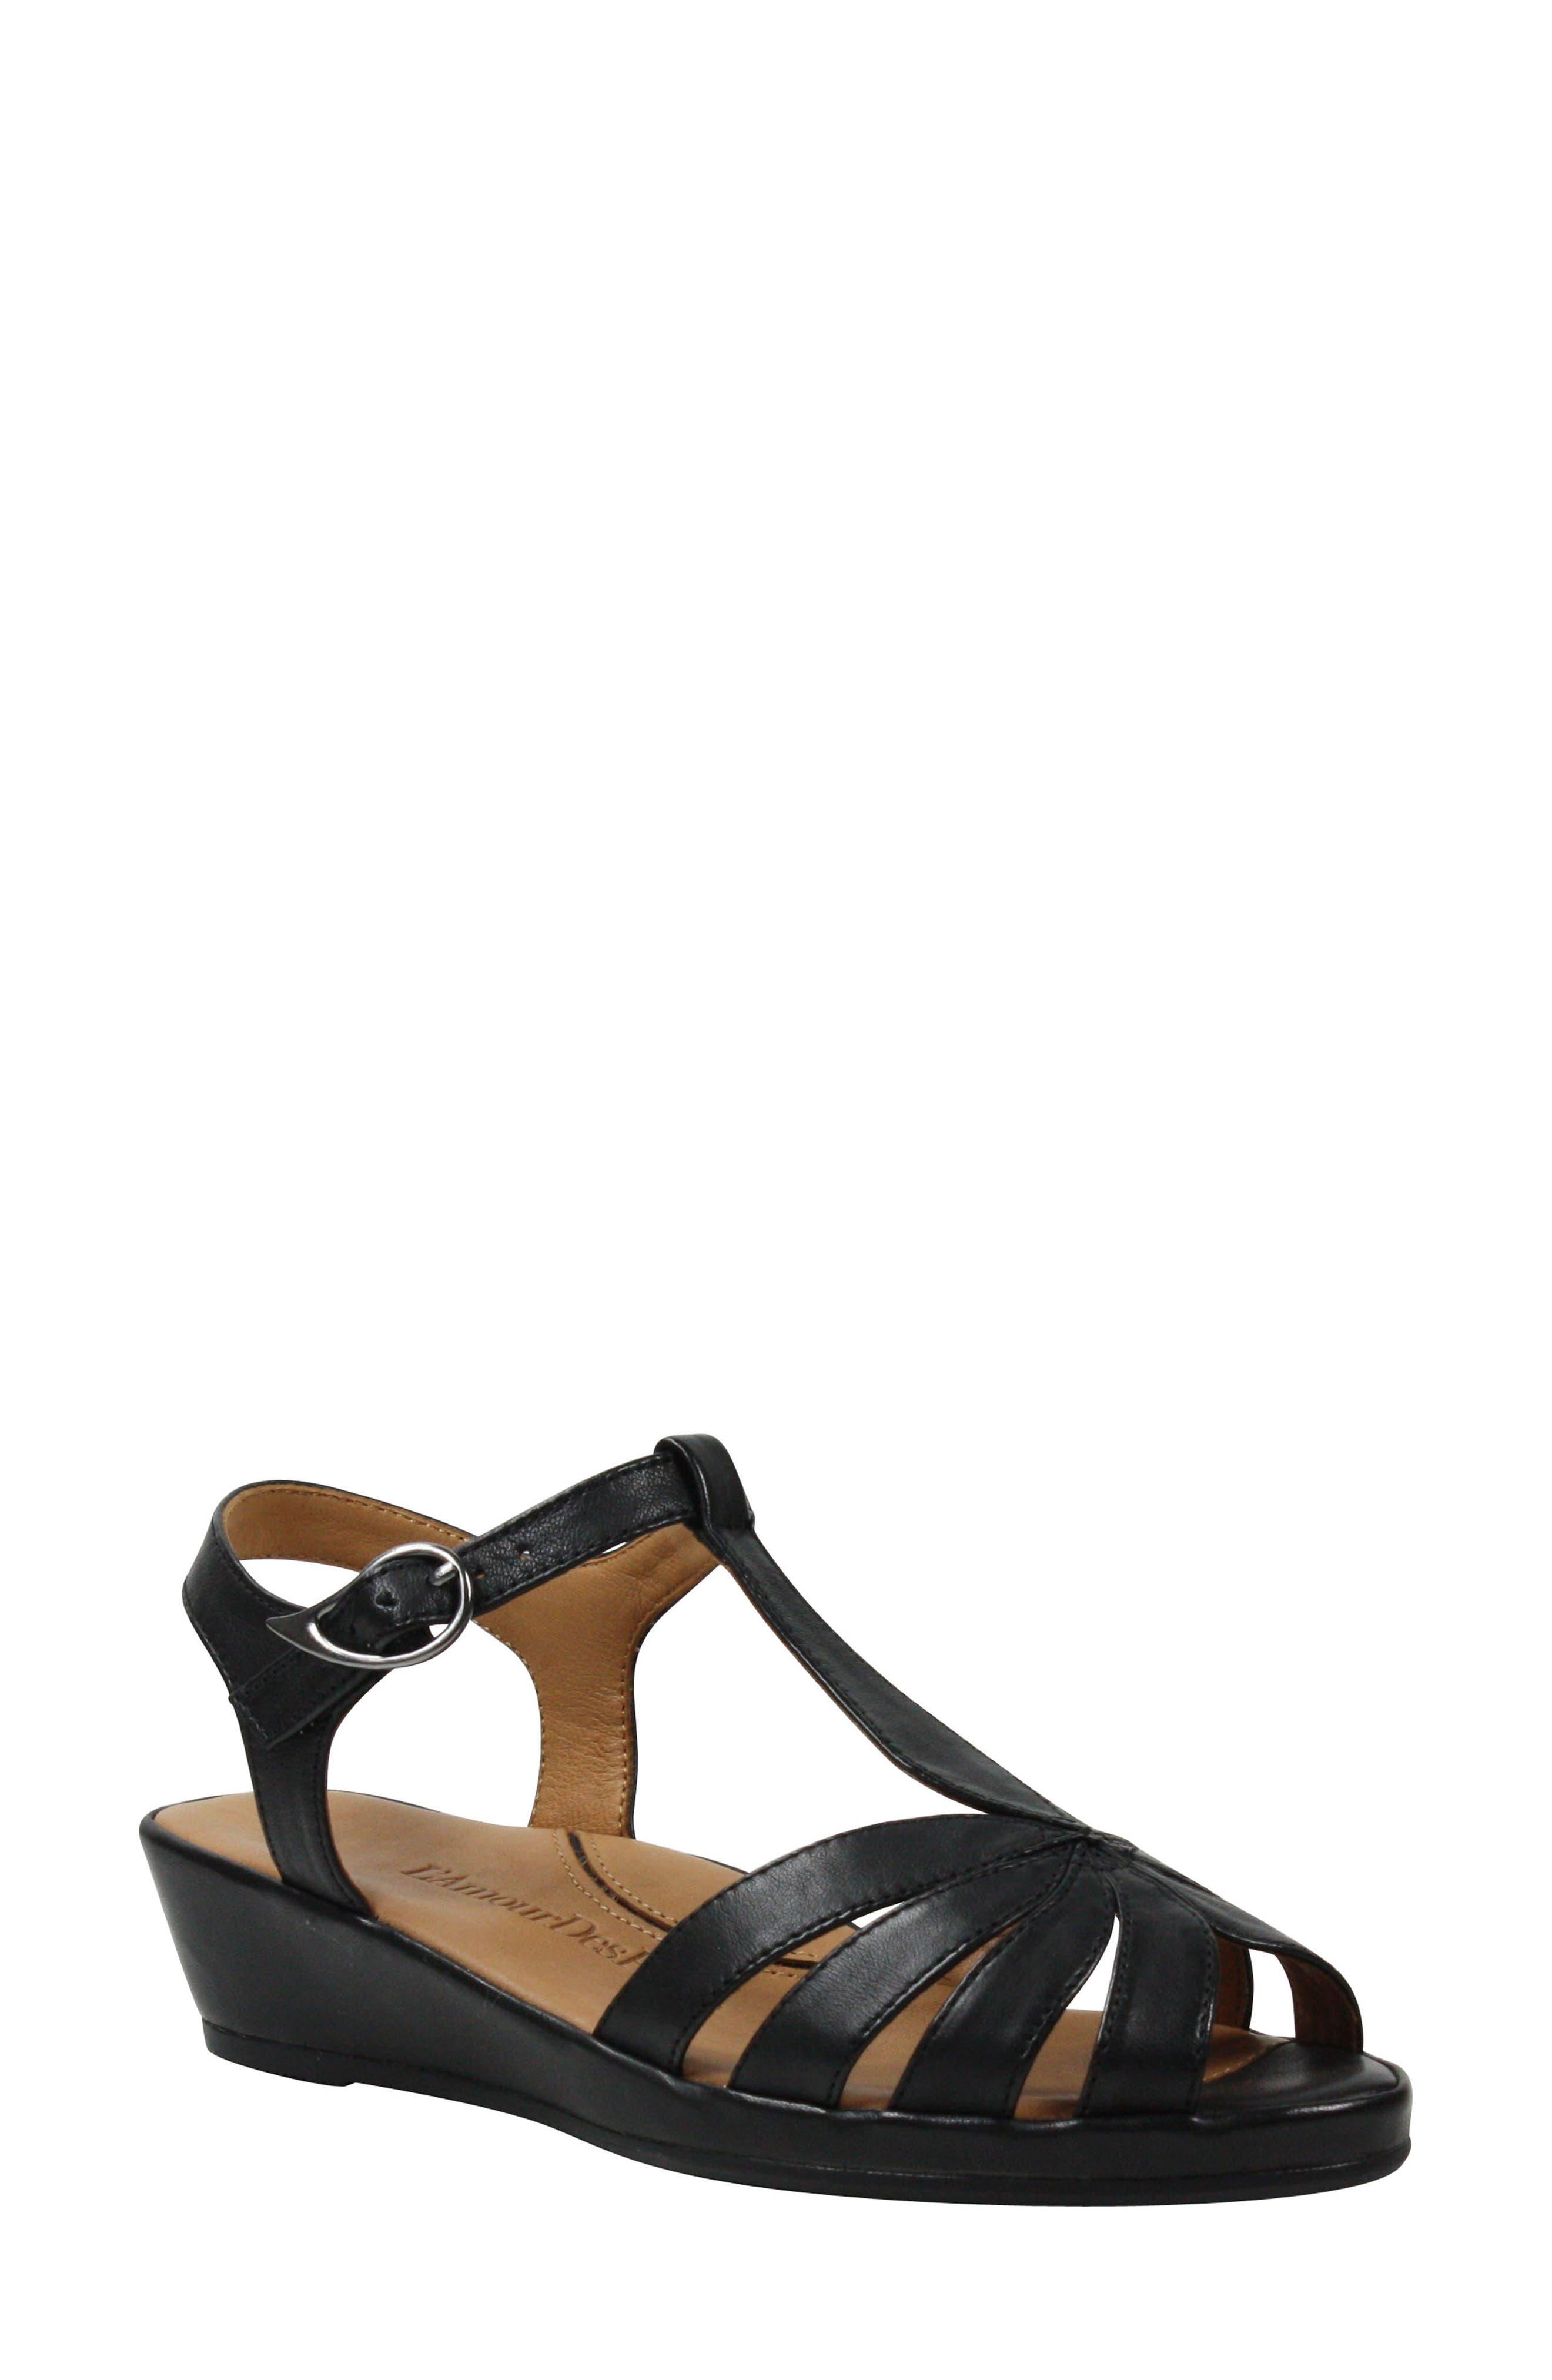 L'AMOUR DES PIEDS Boquin Sandal, Main, color, BLACK LEATHER